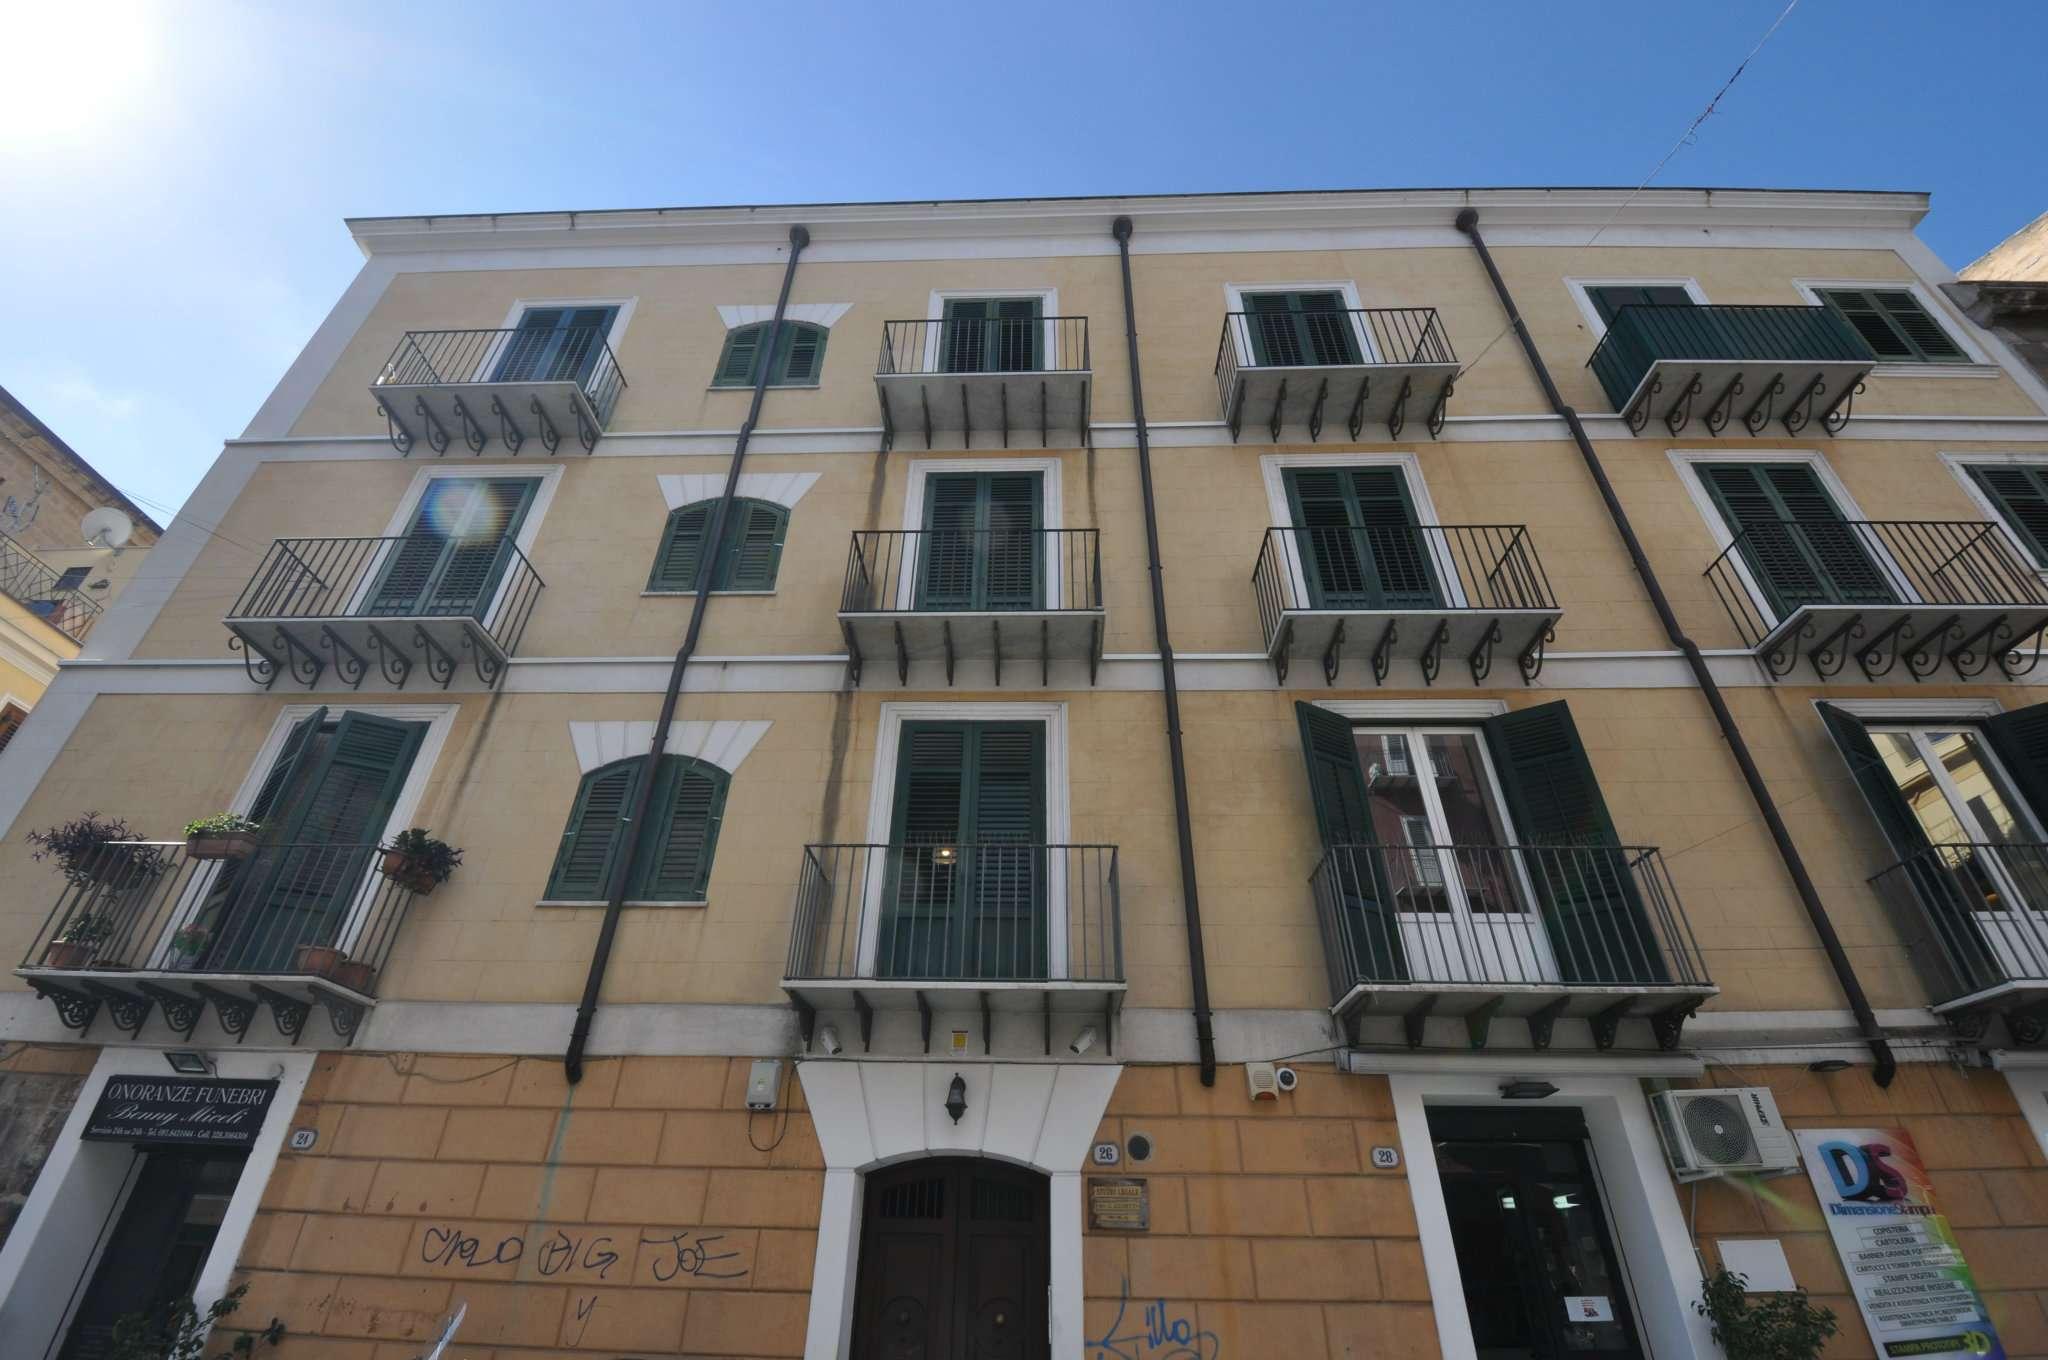 Appartamento in affitto a Palermo, 3 locali, prezzo € 580 | PortaleAgenzieImmobiliari.it